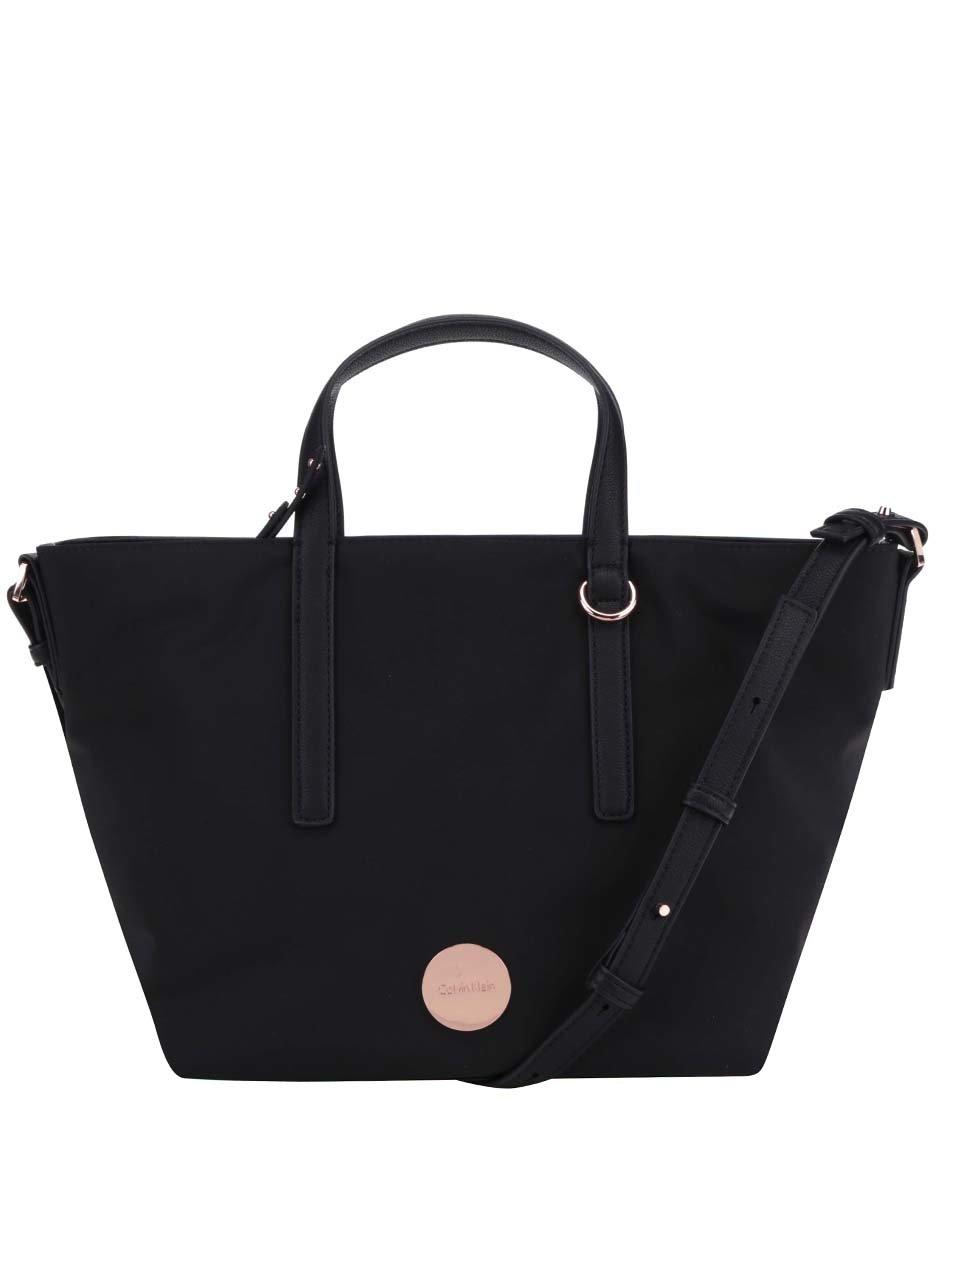 Černá dámská kabelka s logem ve zlaté barvě Calvin Klein Jeans